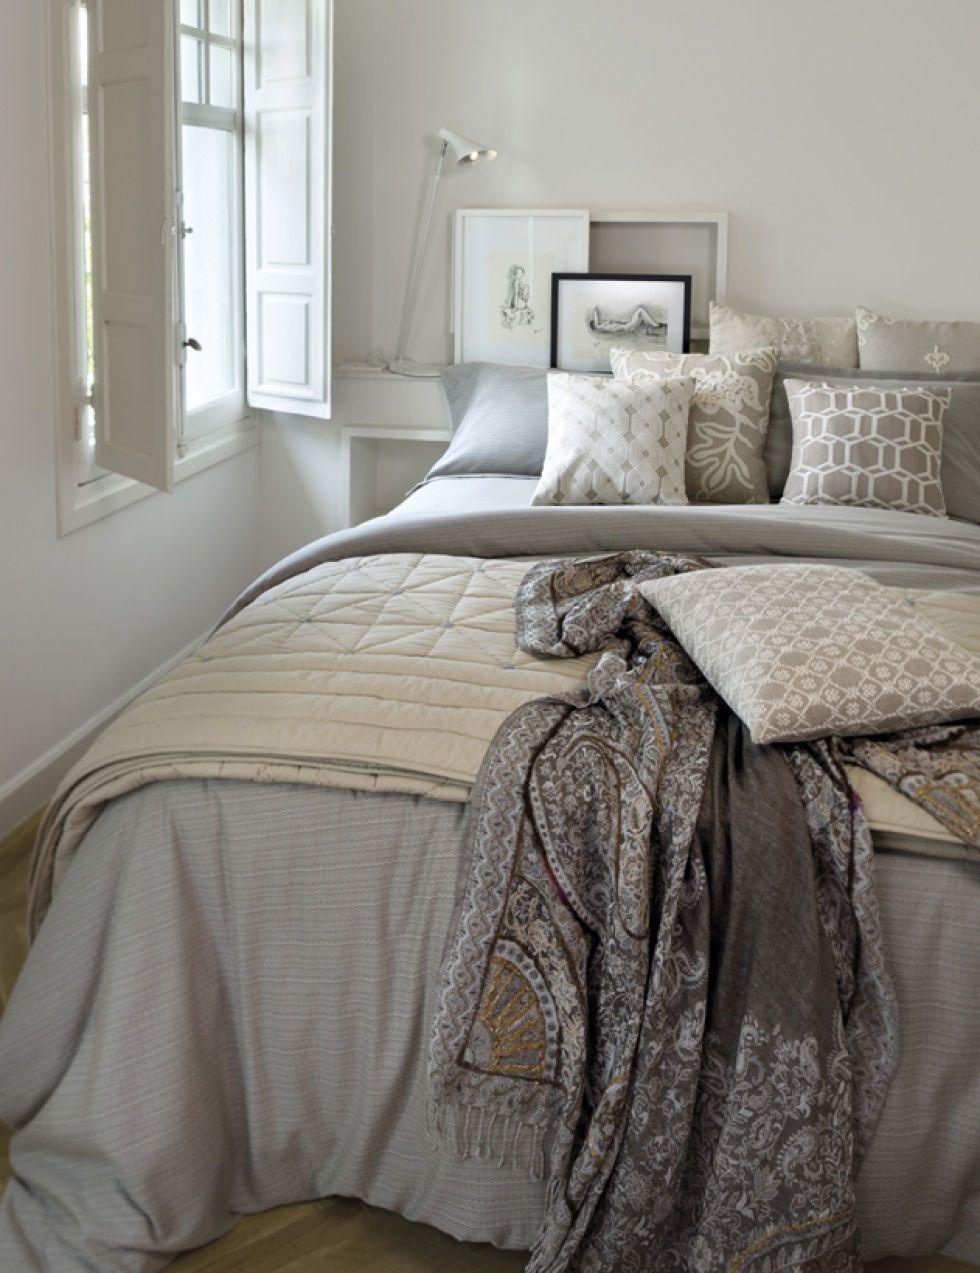 Equipa tu cama con tejidos y colores de otoño